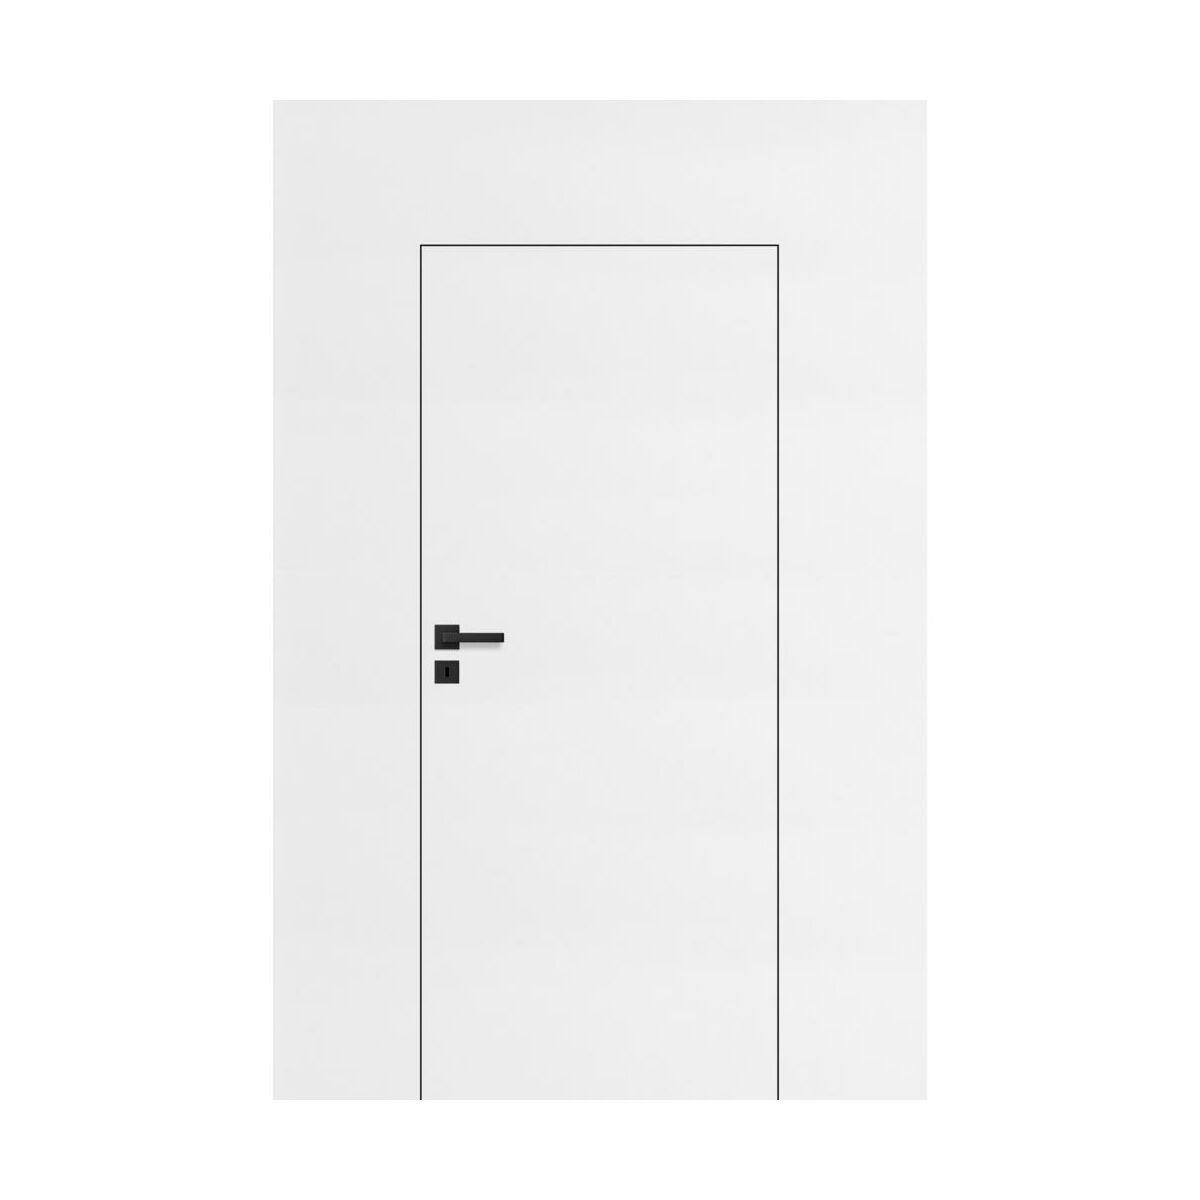 Skrzydlo Drzwiowe Pelne Diy Biale 80 Prawe Drzwi Wewnetrzne W Atrakcyjnej Cenie W Sklepach Leroy Merlin